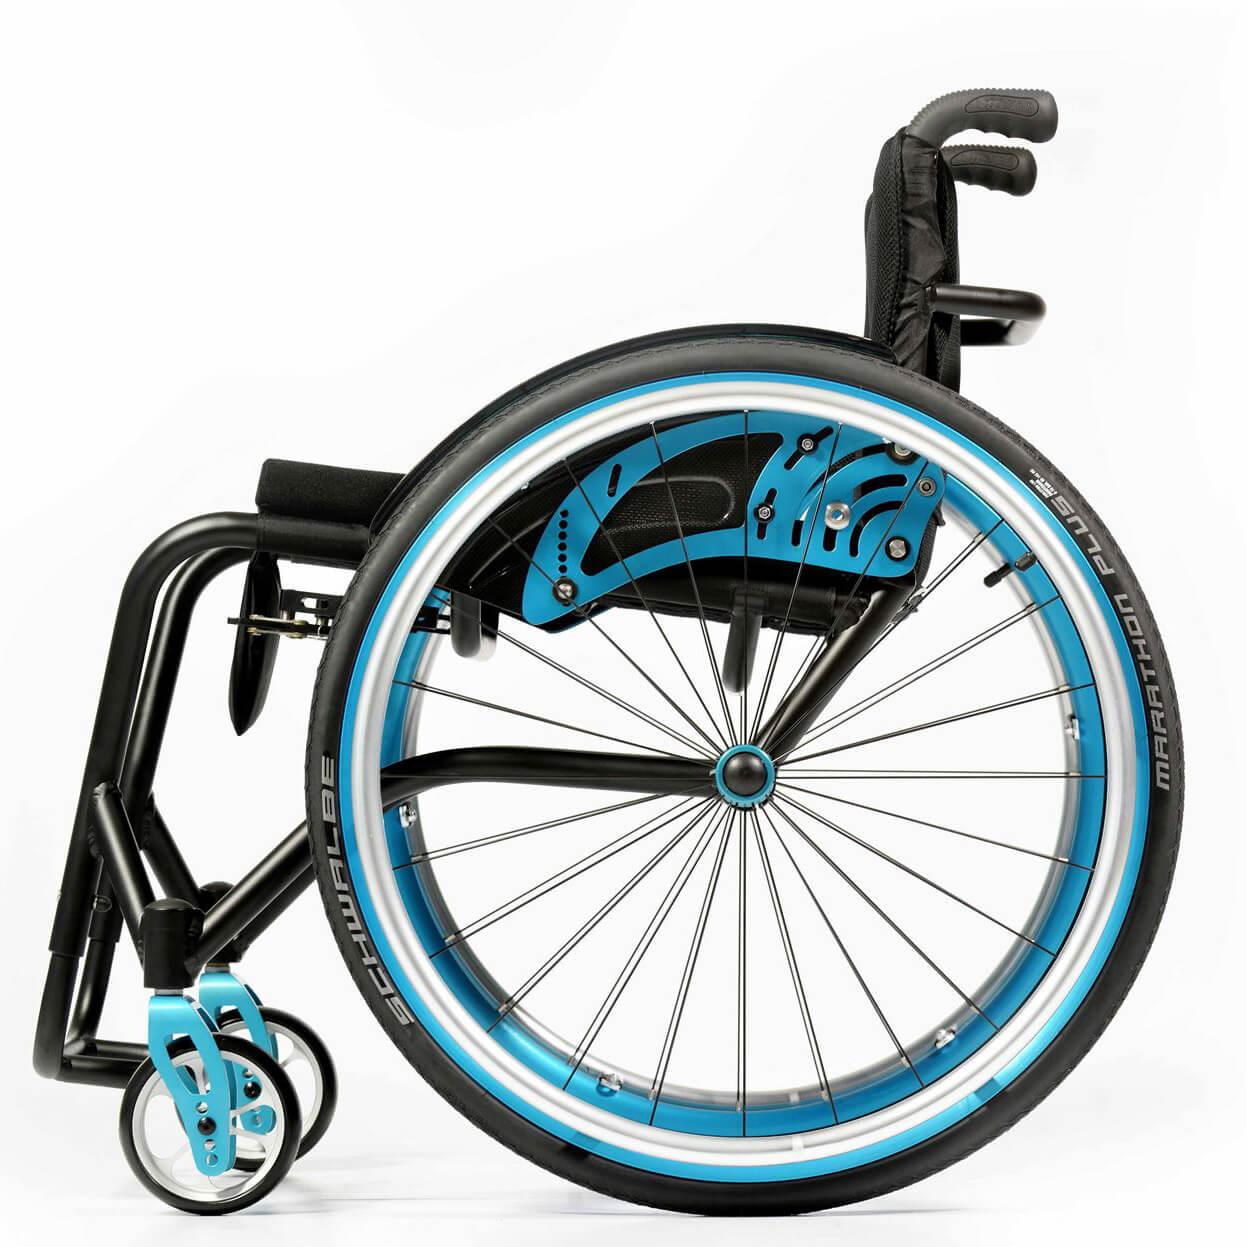 IDRA 2.0 | Mobilitec - Offcarr